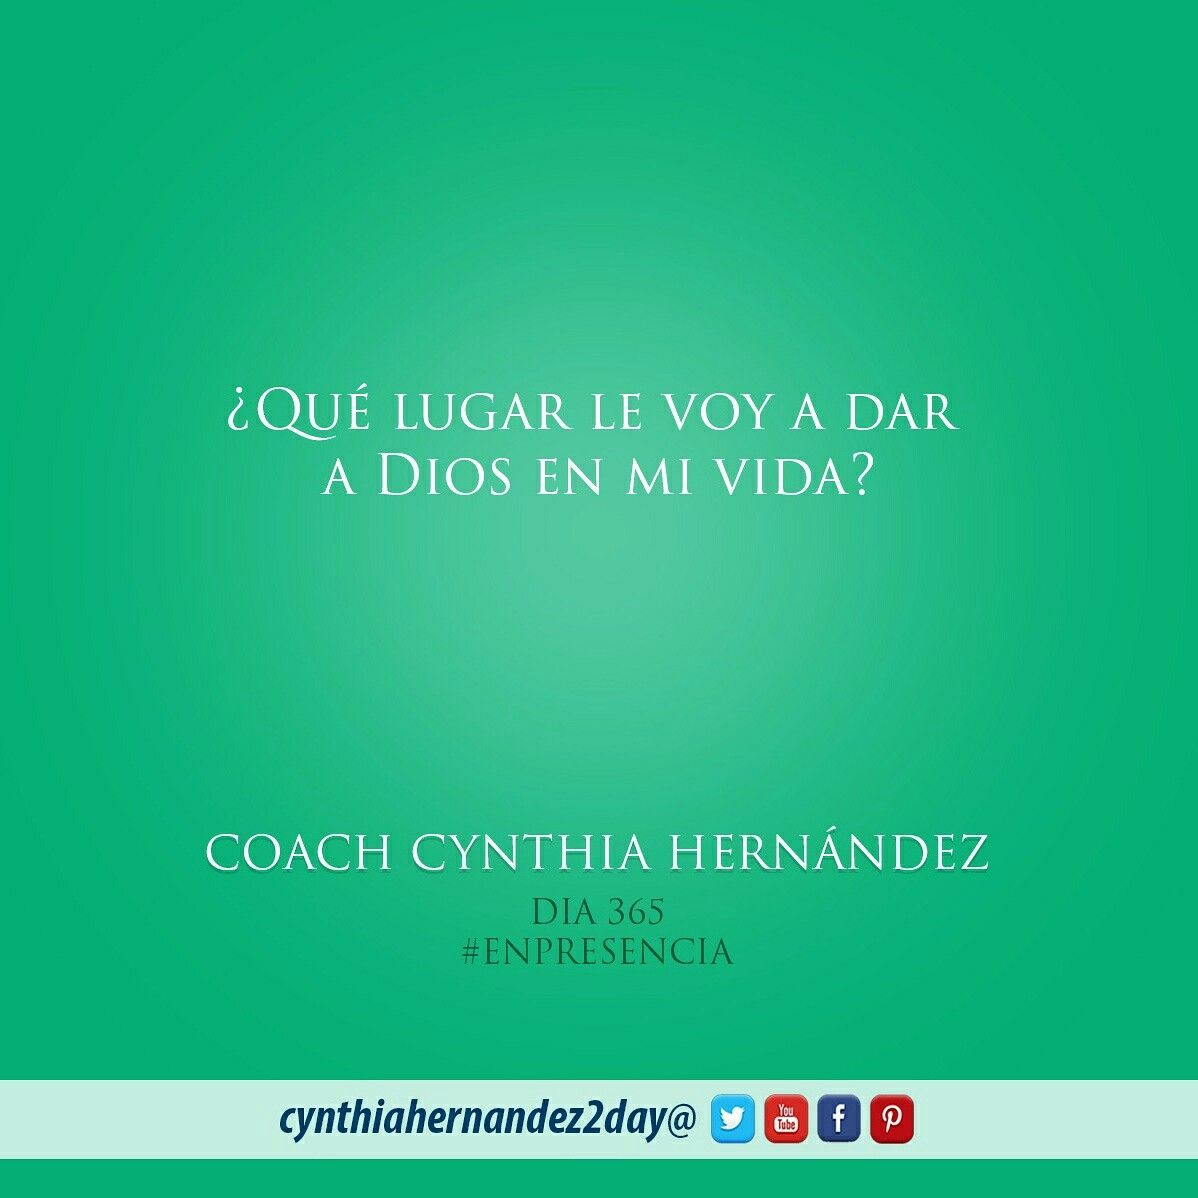 Día 365. En Presencia! PON EN MANOS DEL SEÑOR TUS OBRAS Y TUS PROYECTOS SE CUMPLIRAN. Proverbios 16:3 #2day #coaching #cynthiahernandez2day #enpresencia #instaquote #coaching #godspurpose #change #exito #tupuedes #journeyofachampion #dreams #lifecoaching #life #metas